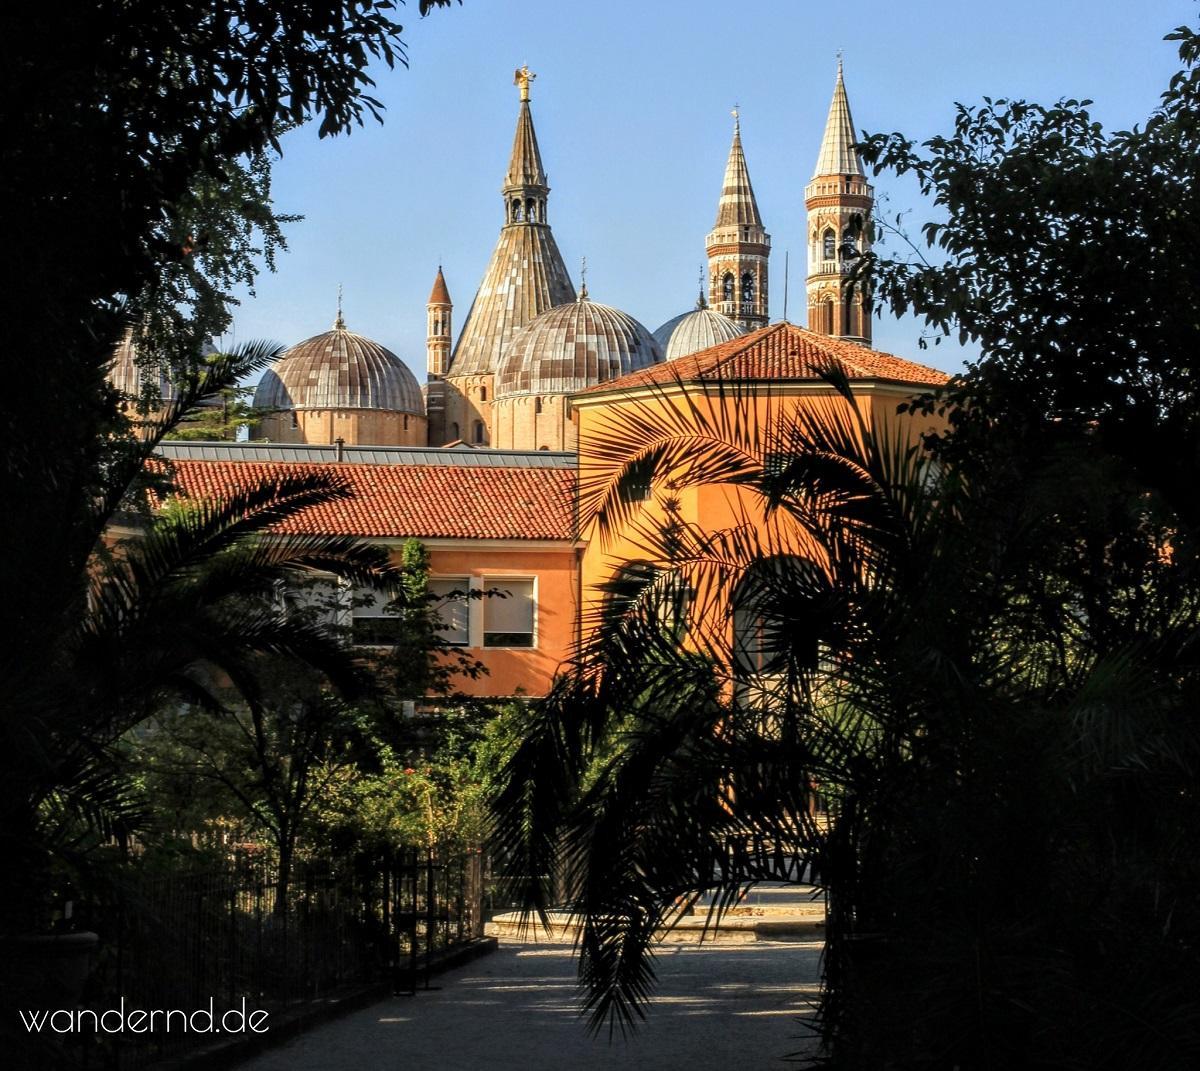 Venetien Reiseziele UNESCO-Welterbe: Botanischer Garten